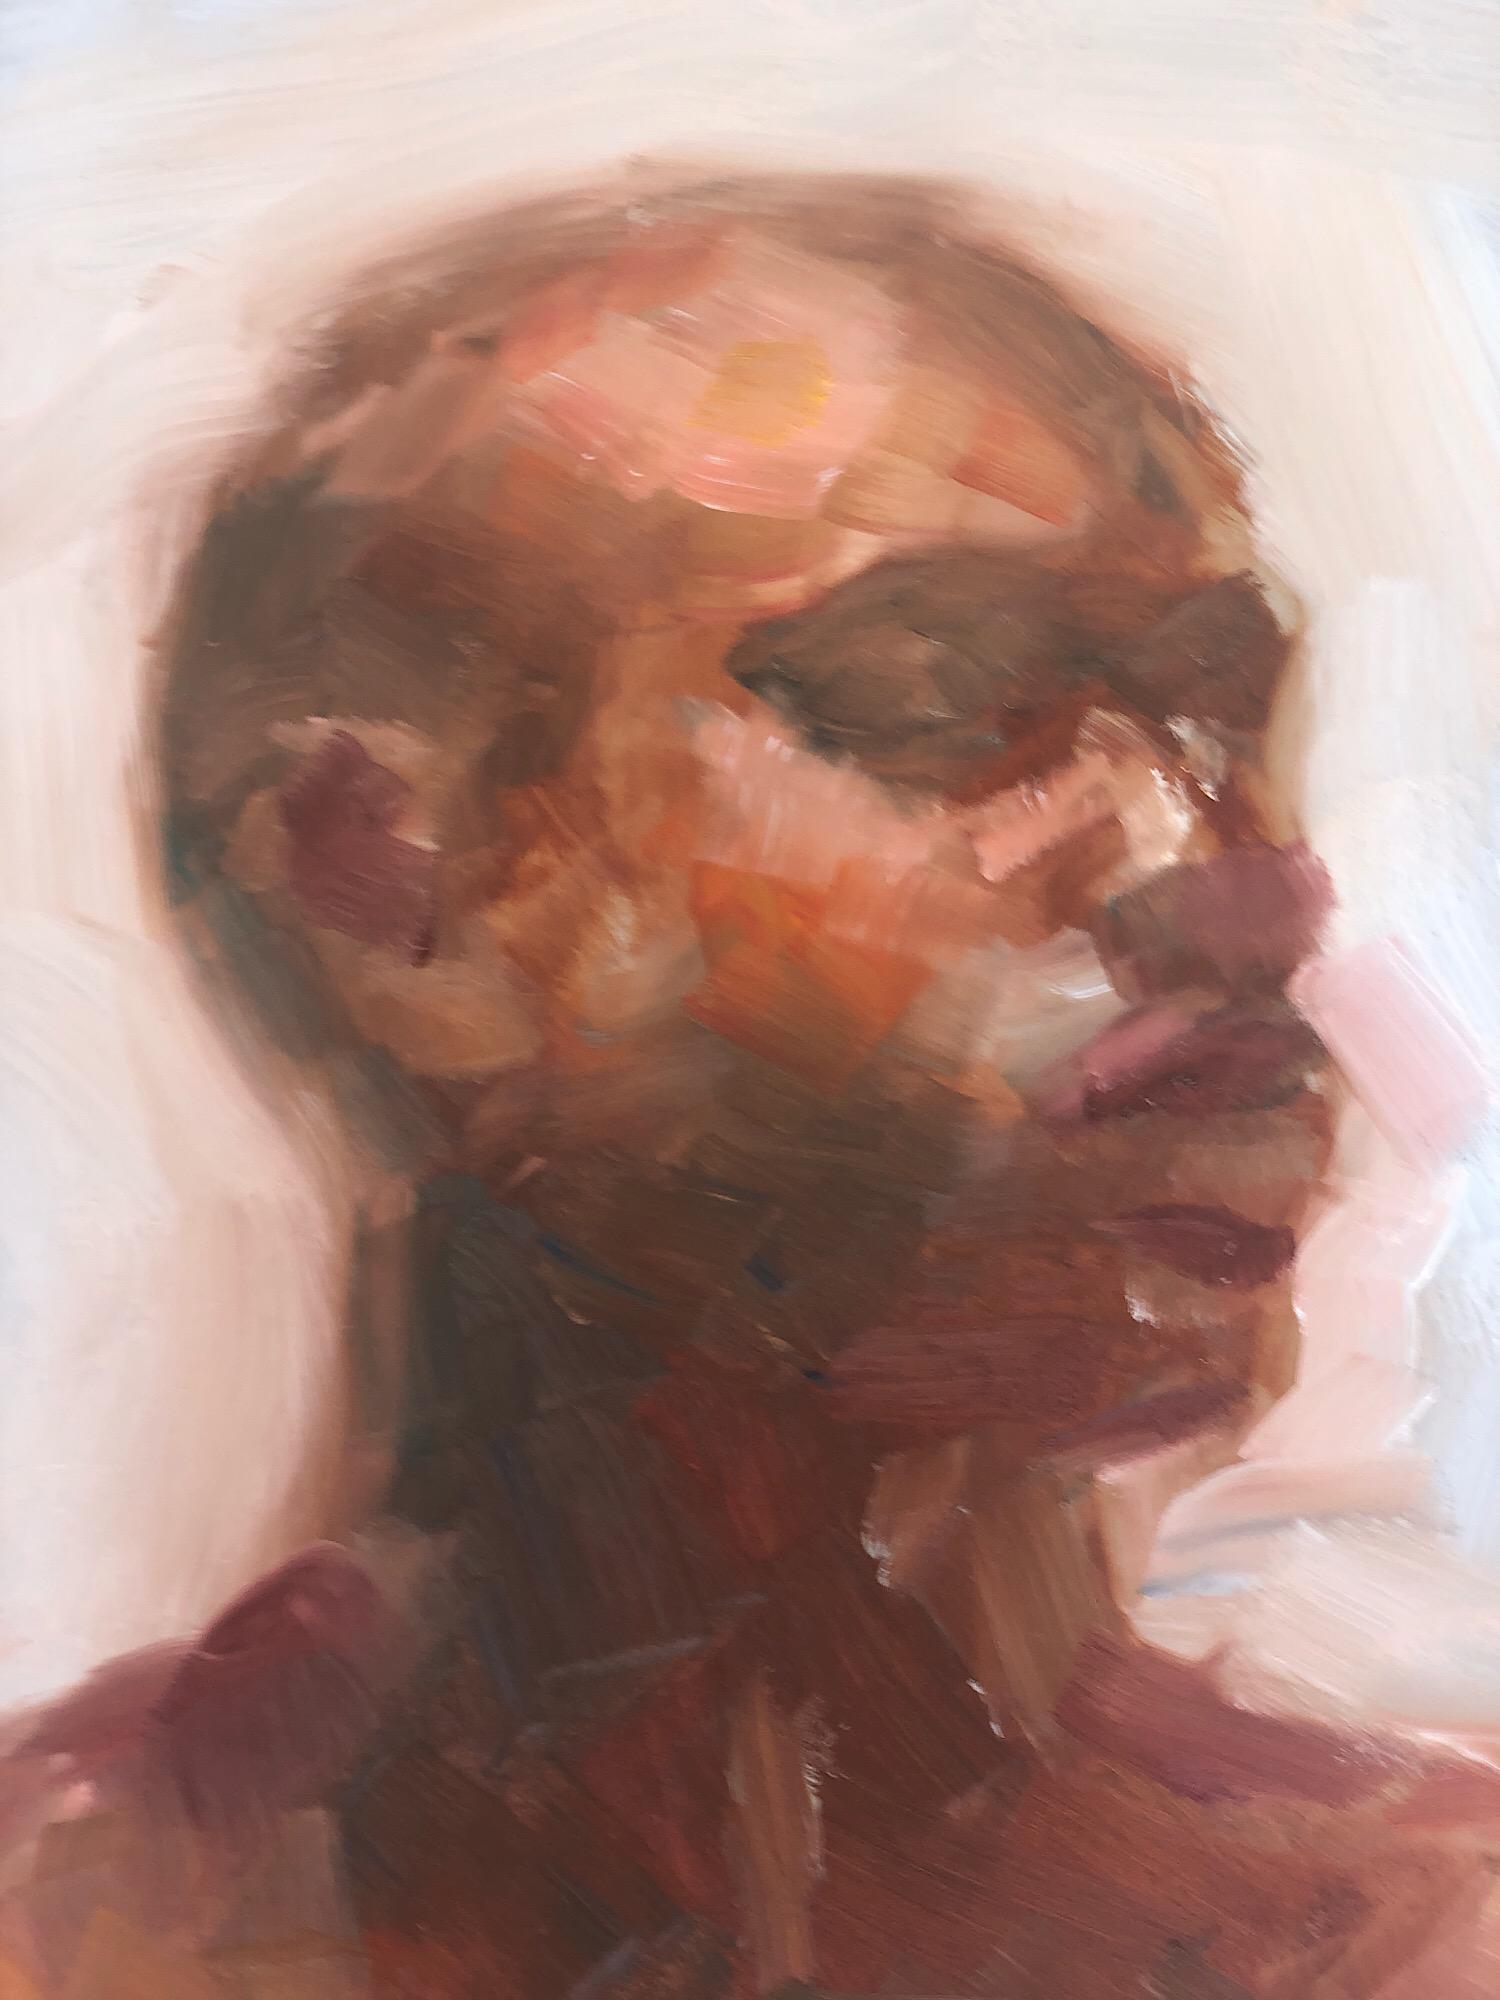 """Geoff Watson, """"Moe,"""" study in progress, oil on panel, 11"""" x 14,"""" 2019."""